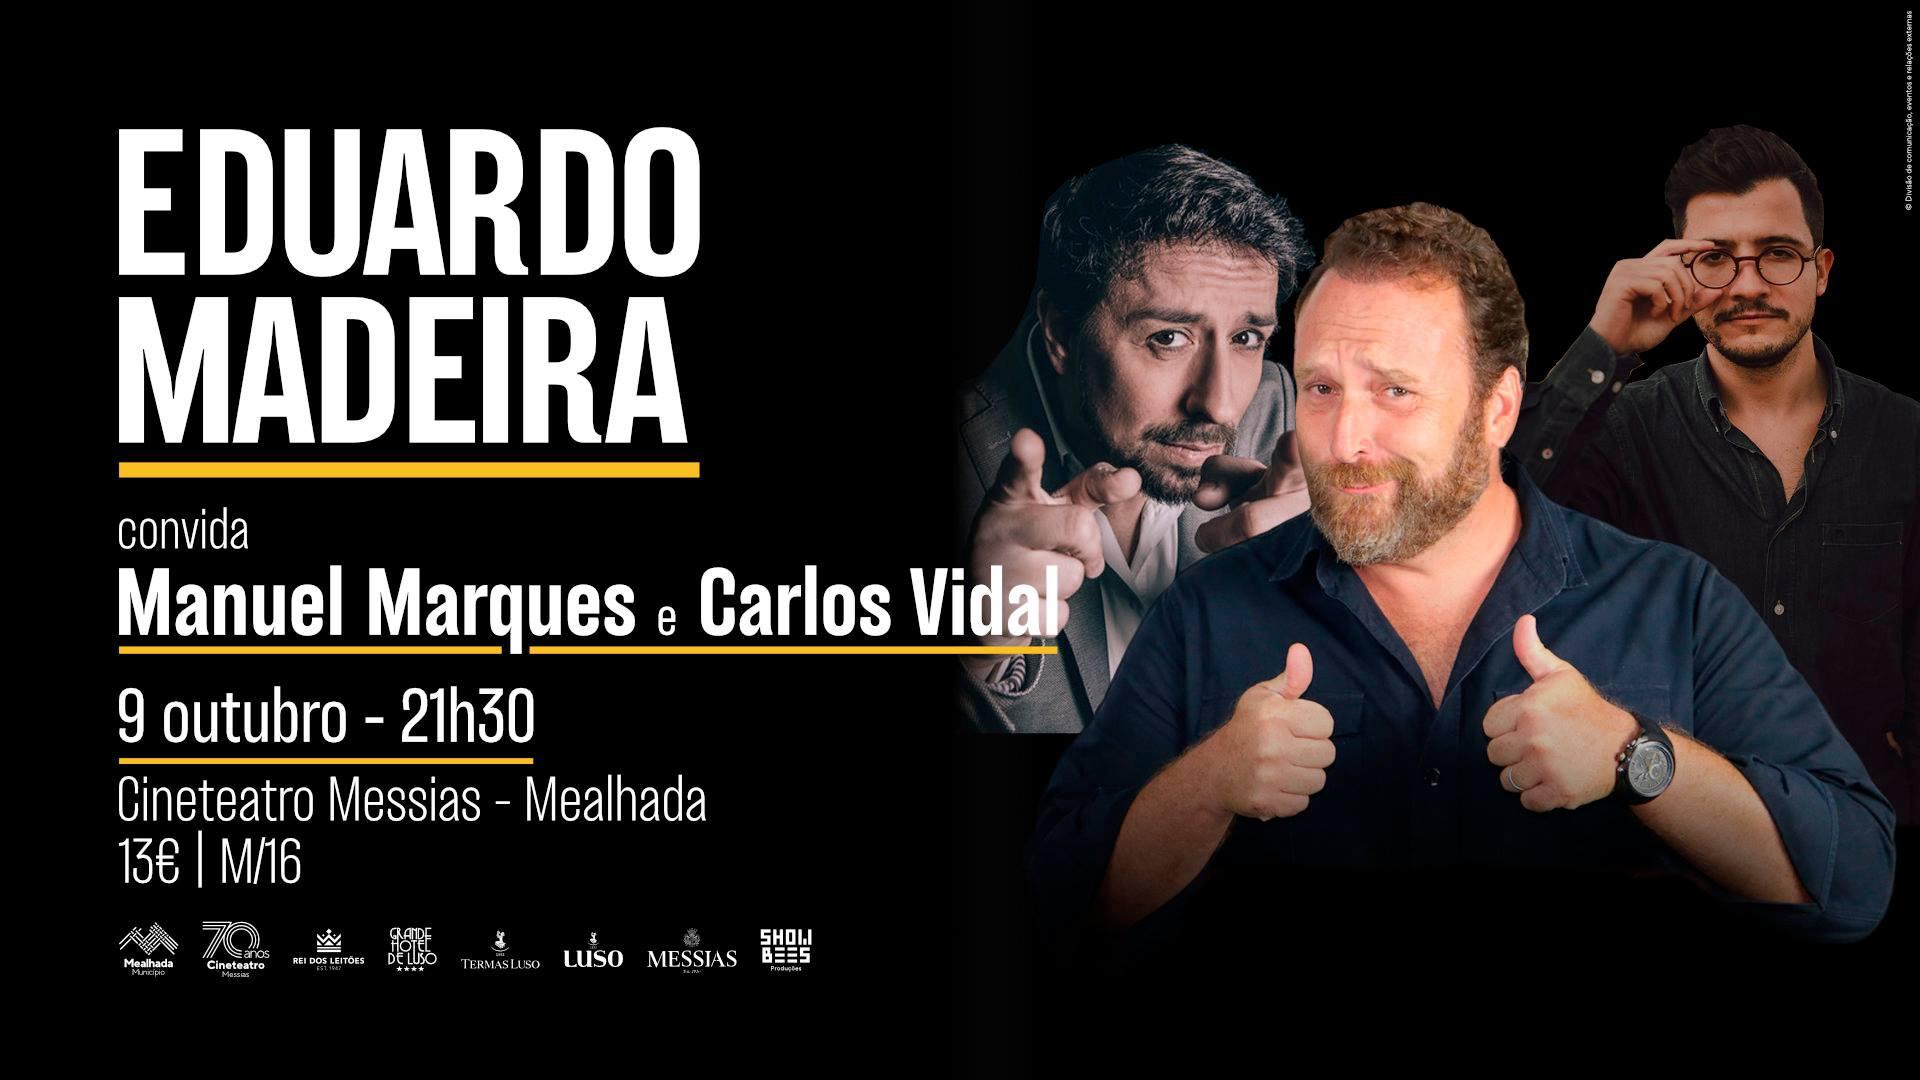 Eduardo Madeira convida Manuel Marques e Carlos Vidal